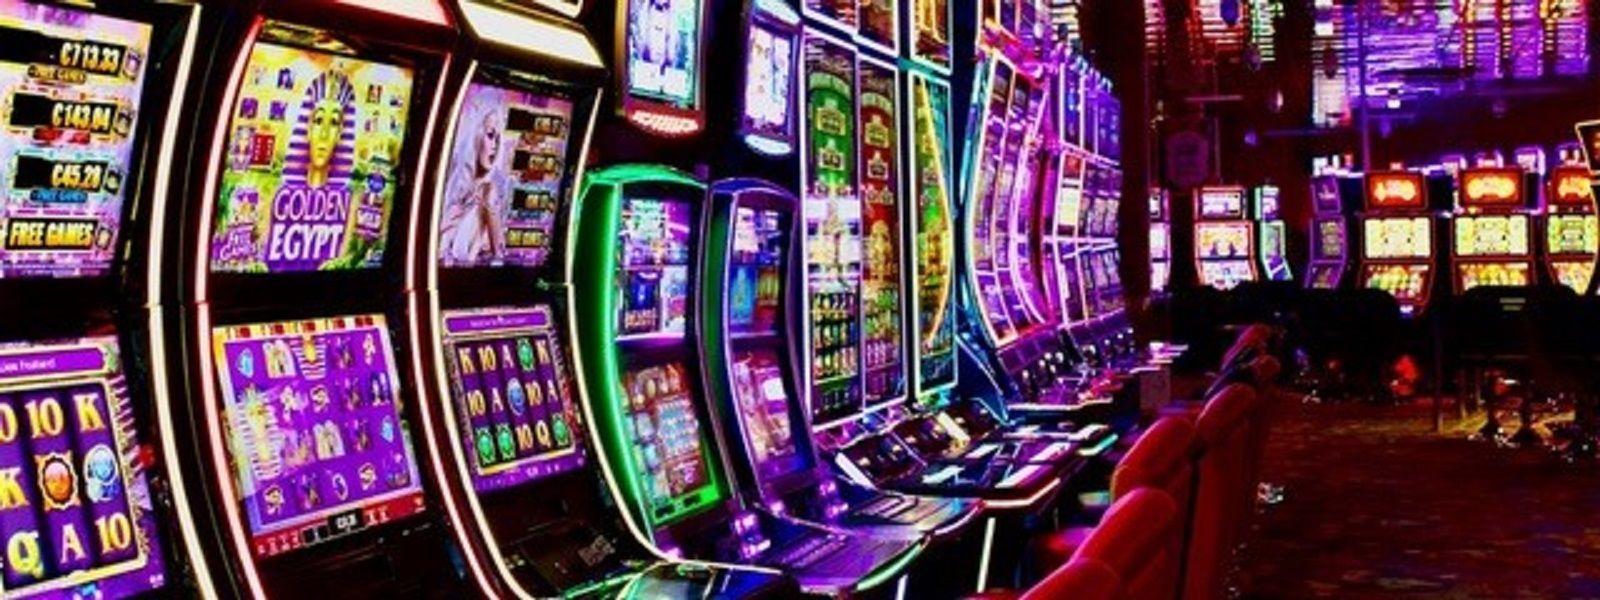 machines à sous-Casino-Jeux-Les Sables d'Olonne-Vendée-Pays de La Loire -France